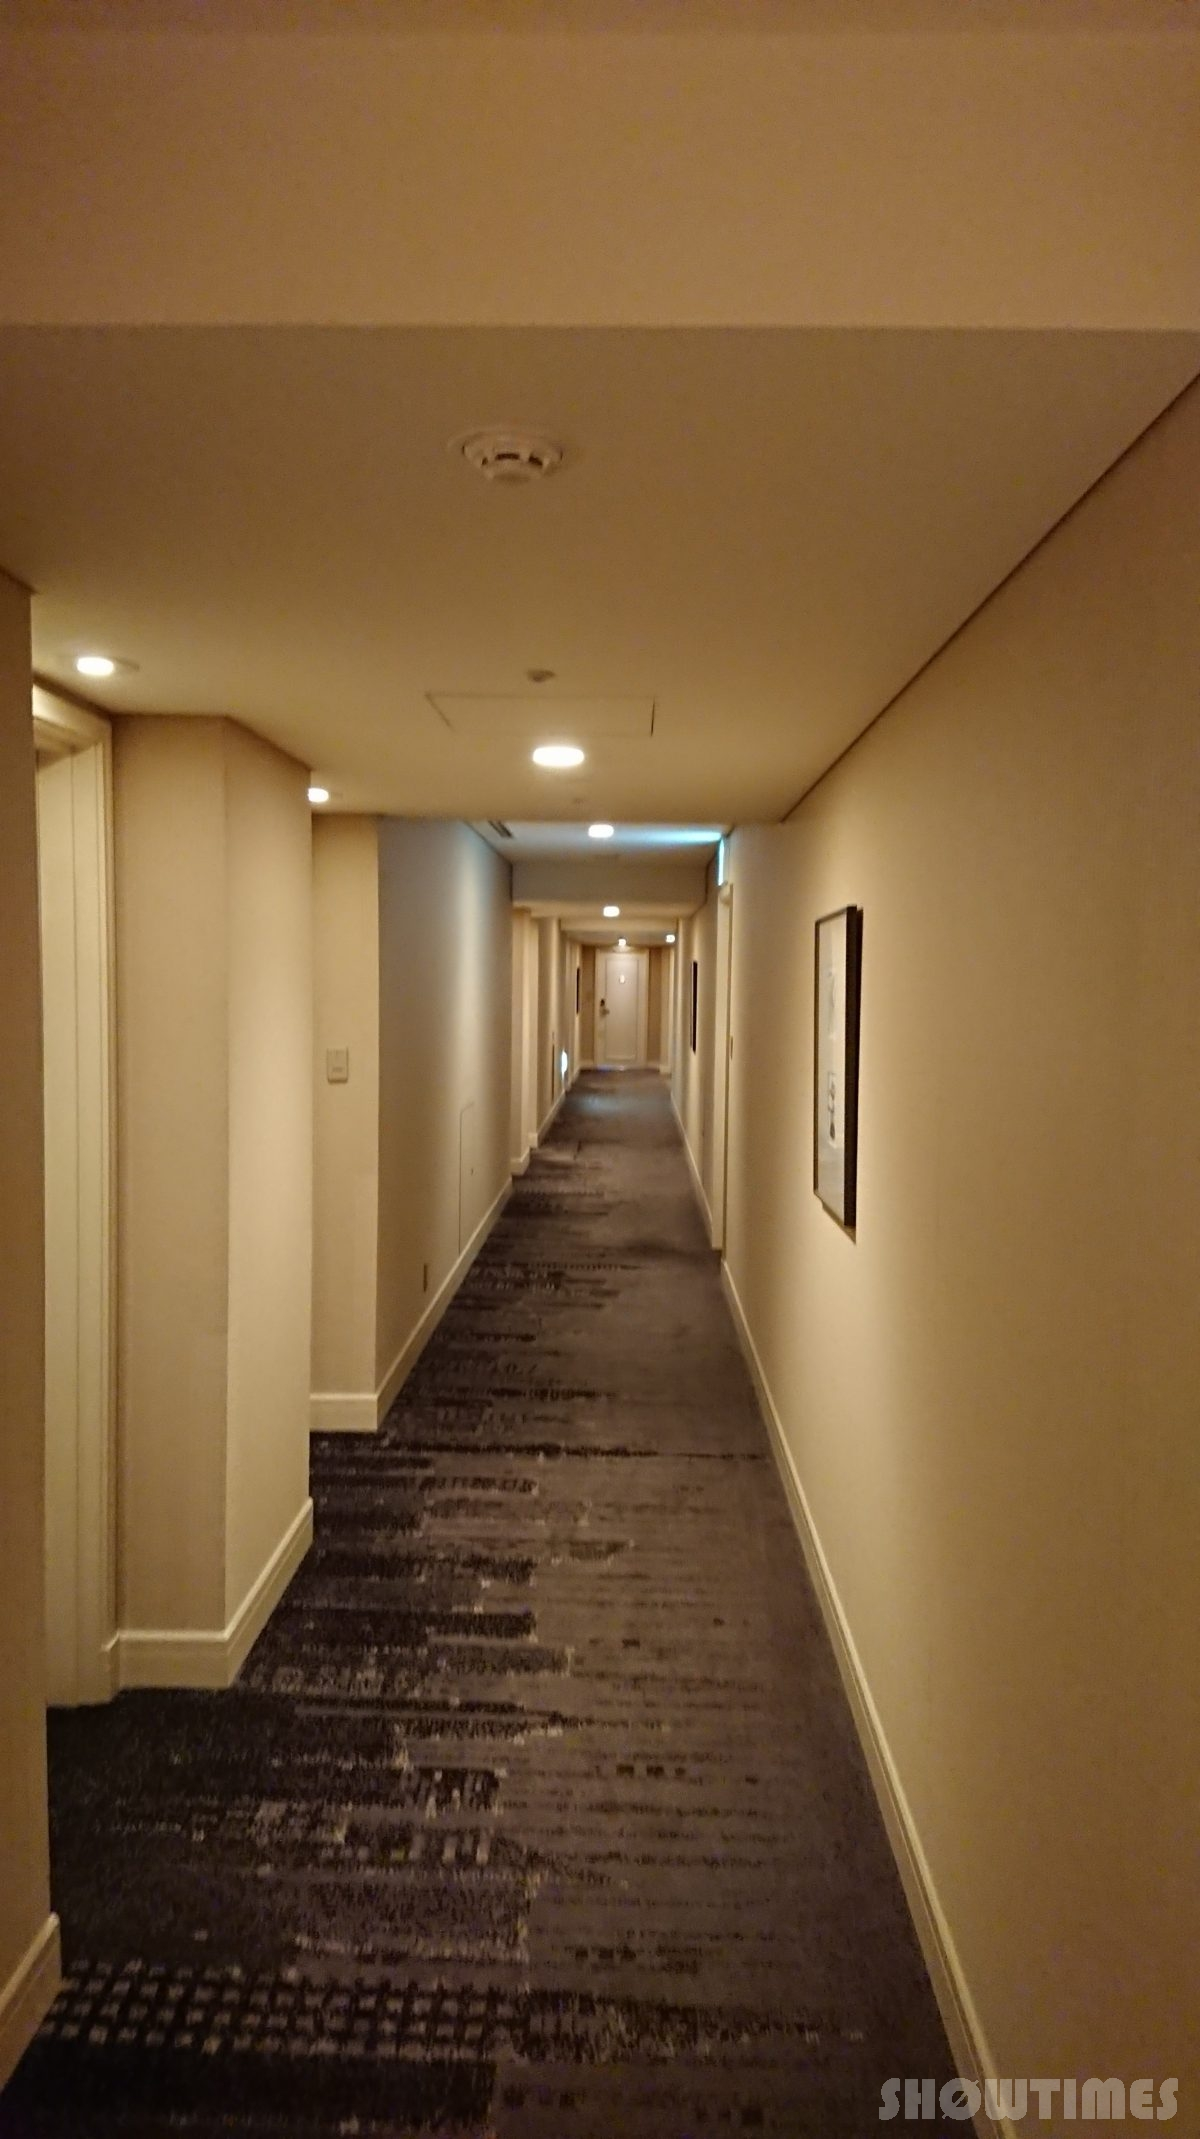 ホテルインターコンチネンタル東京ベイレギュラーフロアの廊下